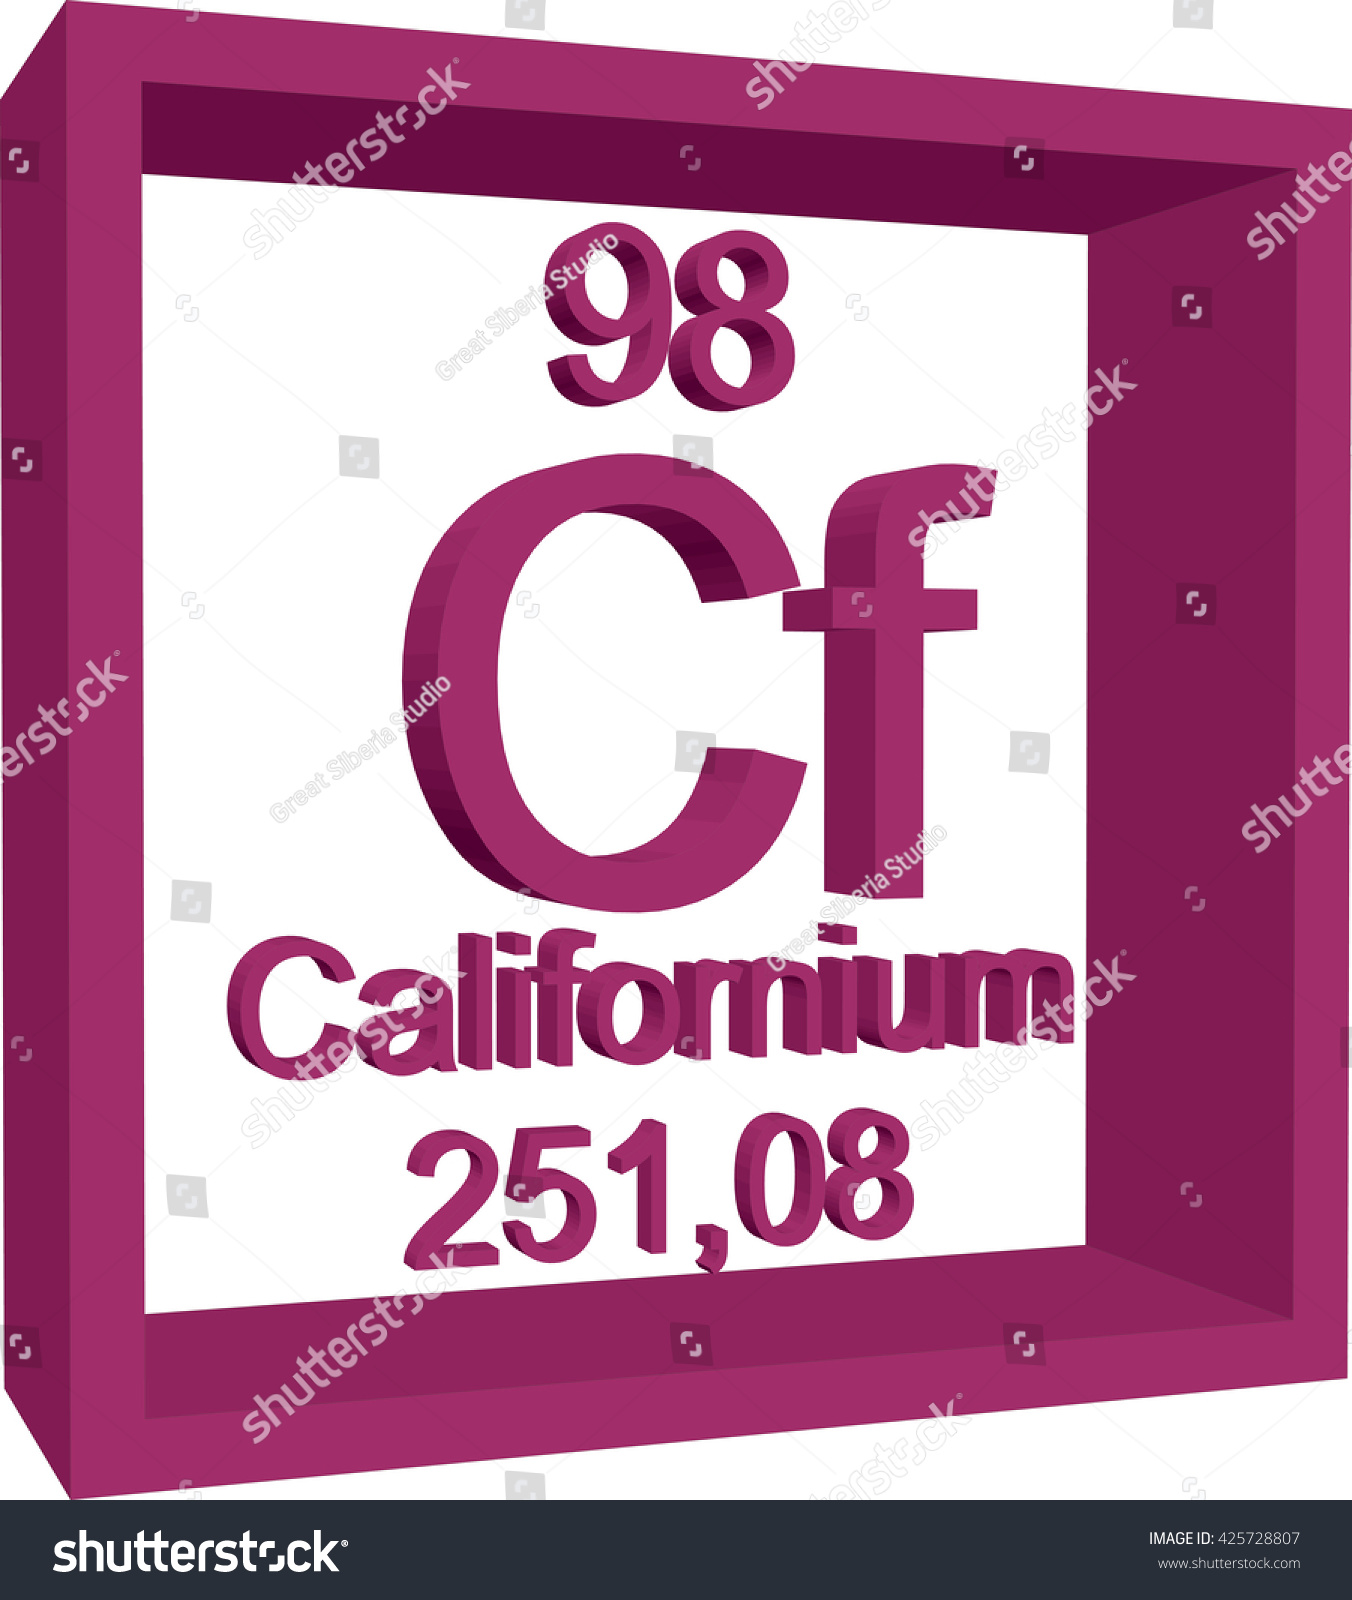 Periodic table elements californium stock vector 425728807 periodic table of elements californium gamestrikefo Images